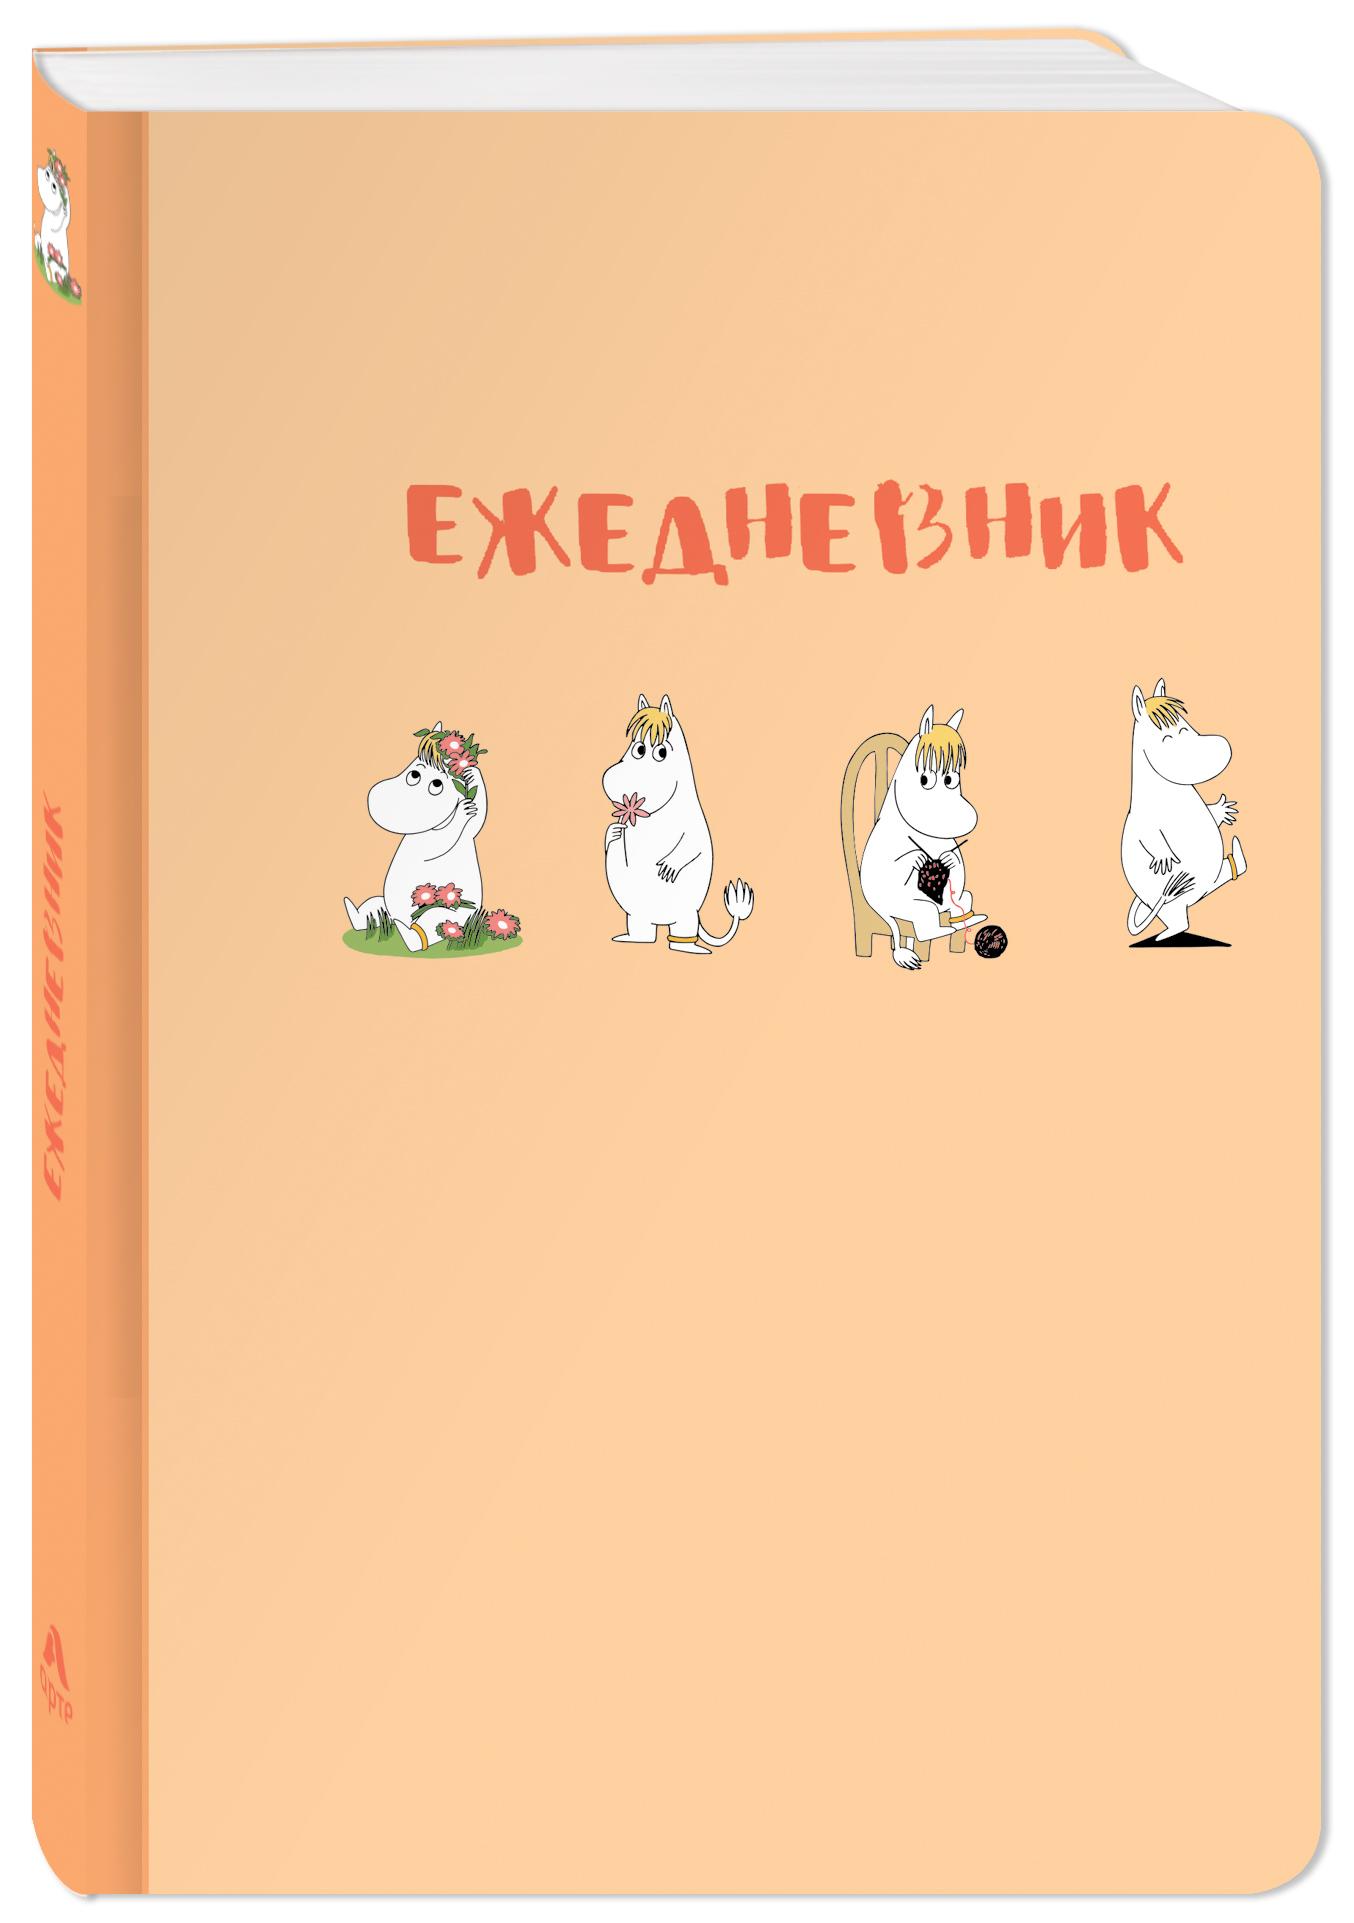 цена на Ежедневник Муми-тролль (недатированный, персиковая обложка) (Арте)